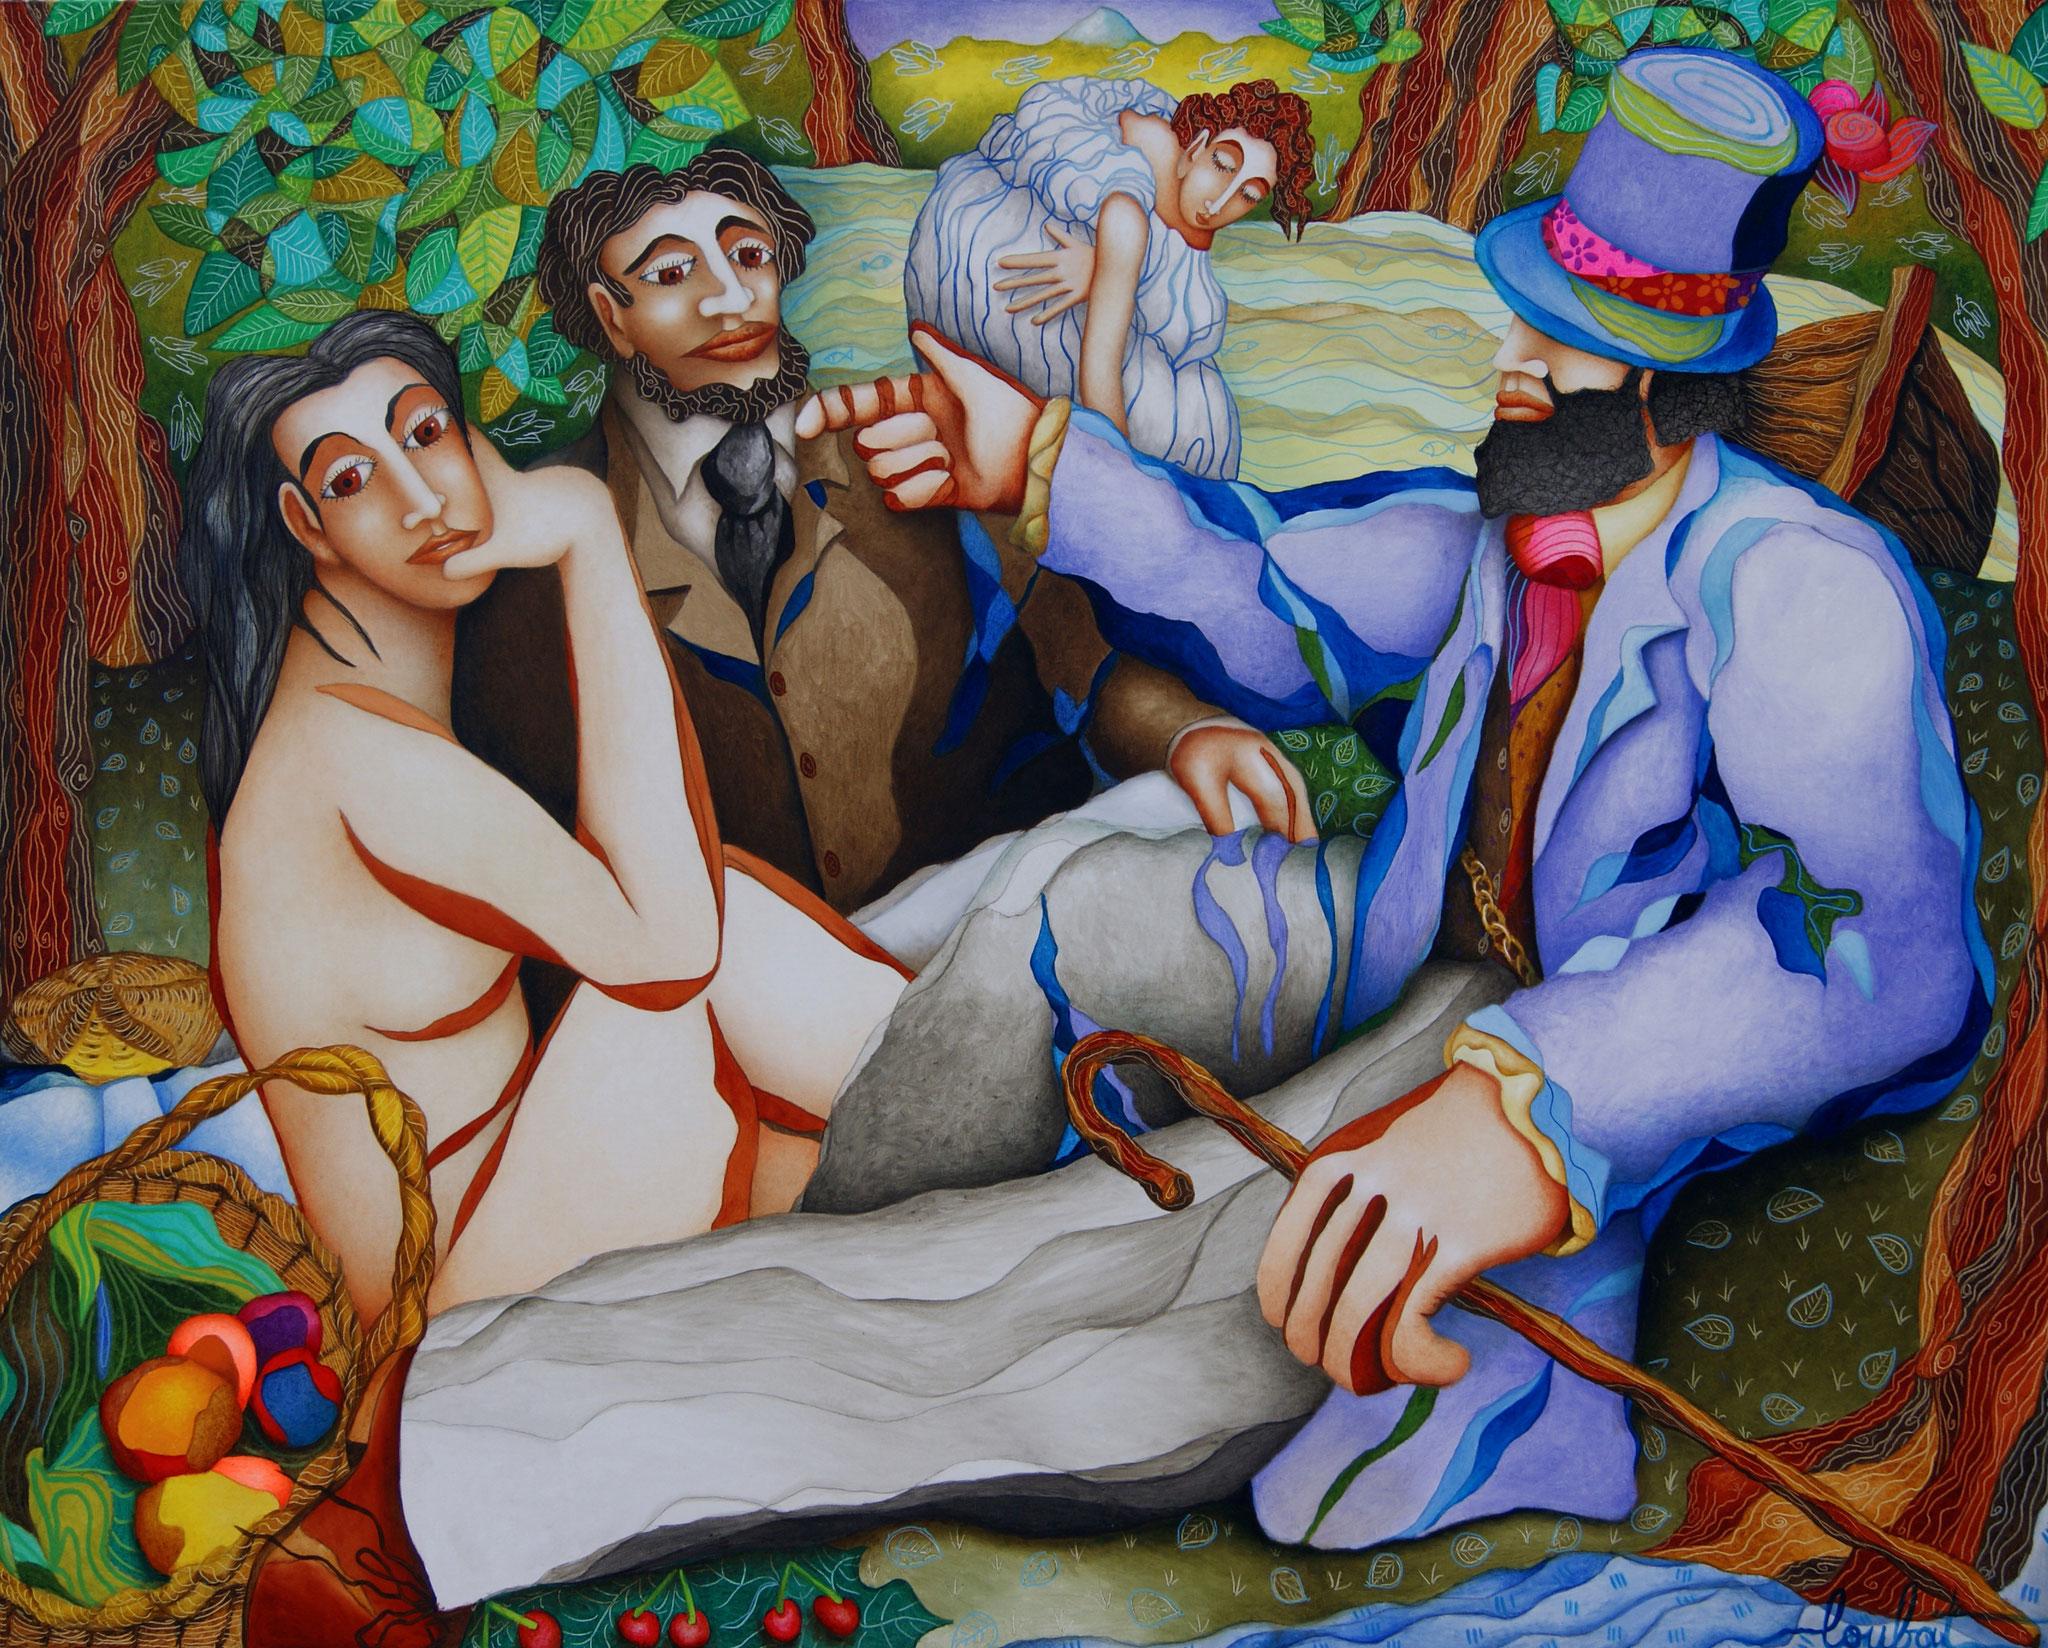 Déjeuner sur l'herbe - Technique mixte sur toile - 130 x 160cm